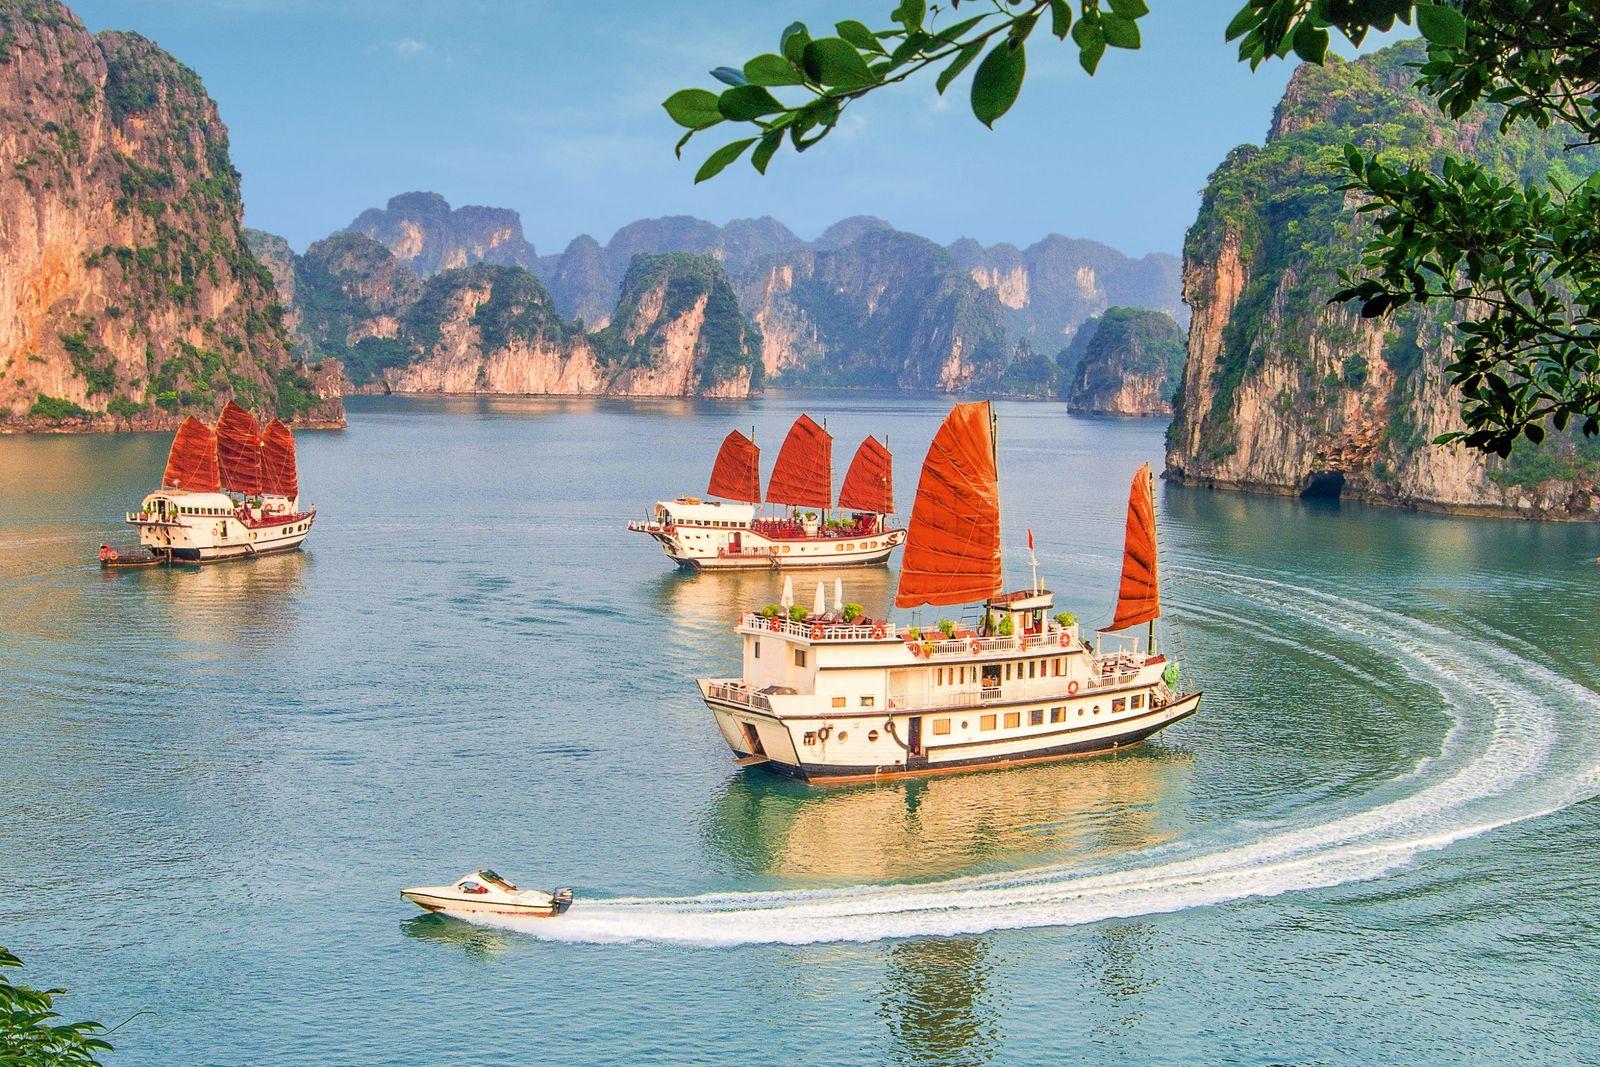 Exploring the highlights of Ha Long Bay